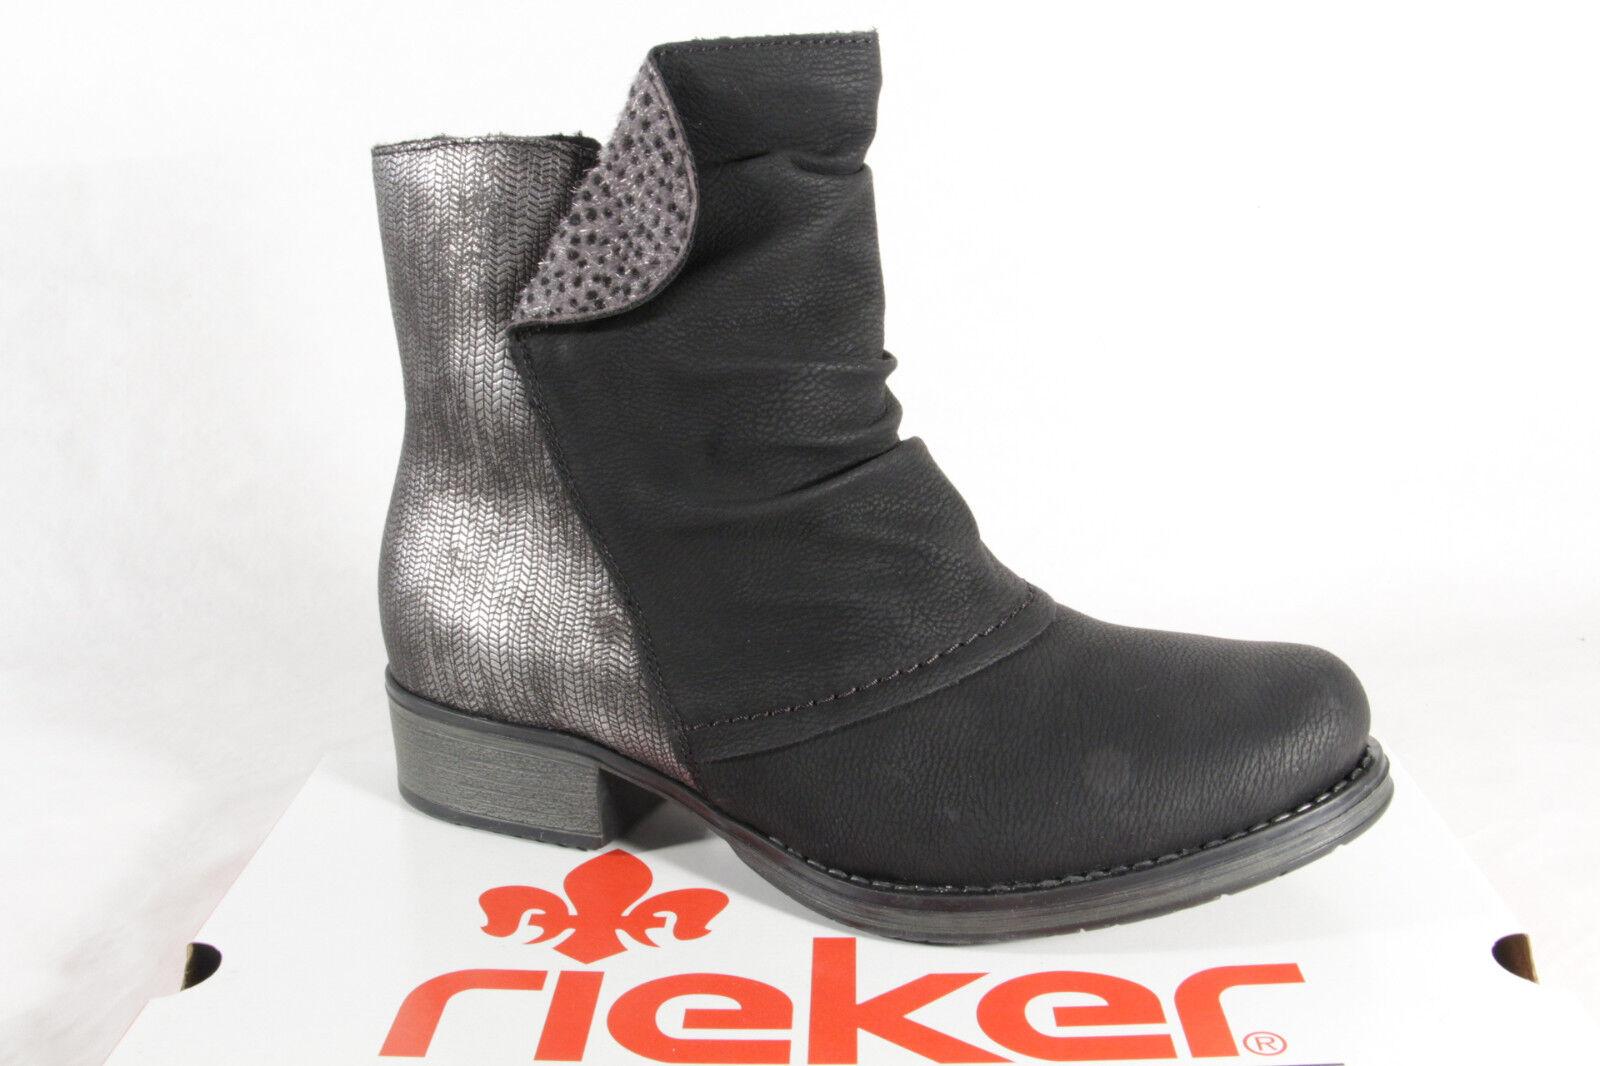 Rieker Y9790 Damen Stiefel Stiefelette Stiefel schwarz Reißverschluss NEU